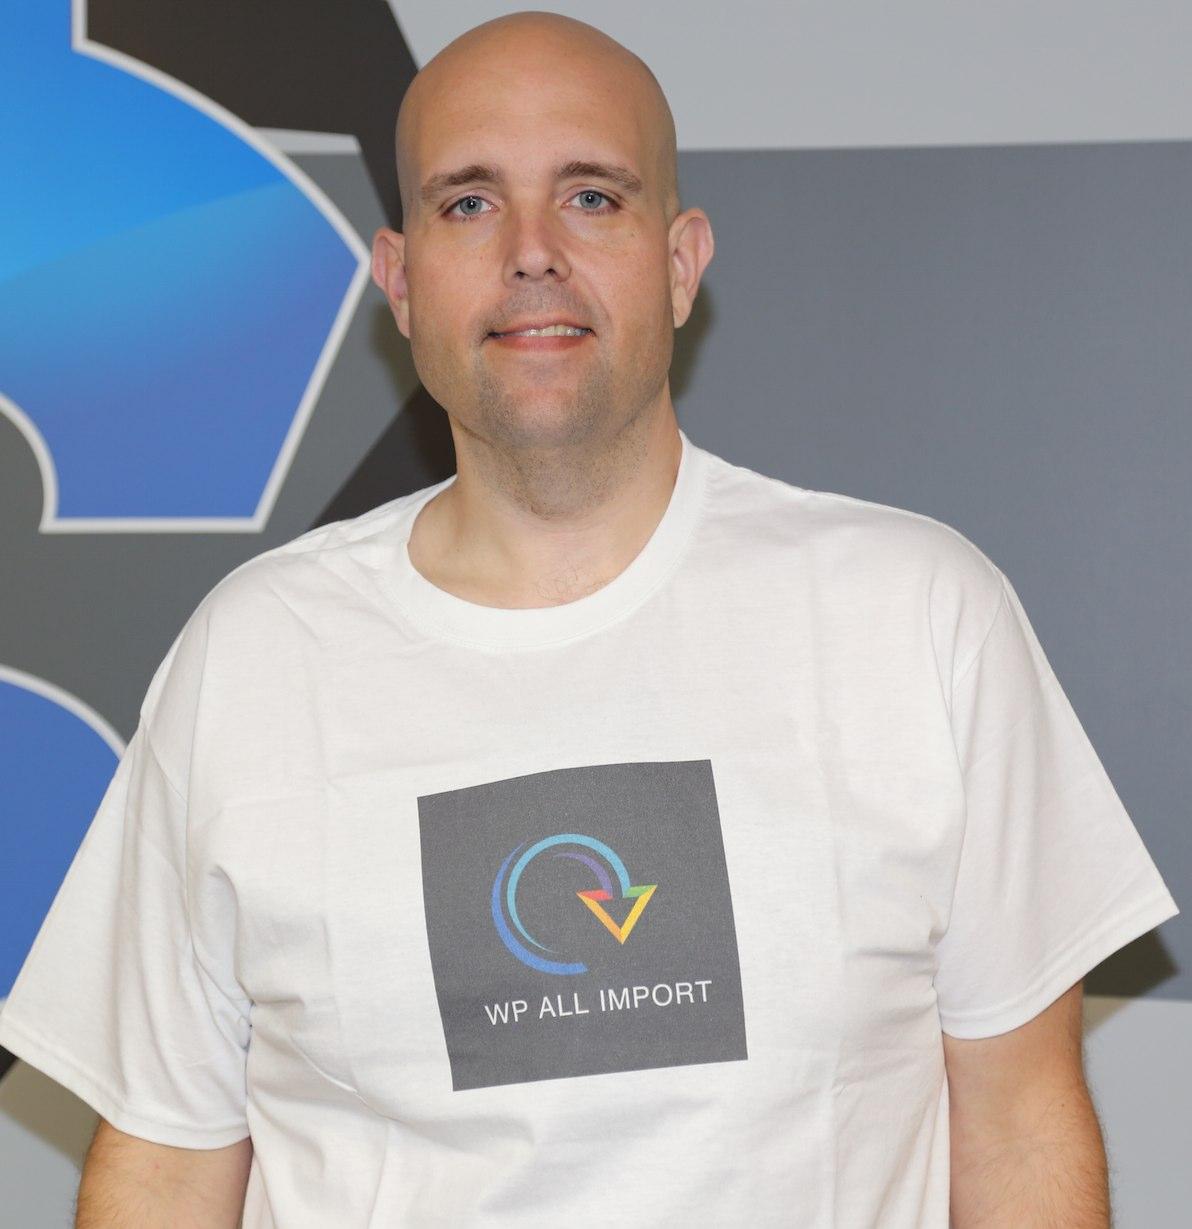 Free Shirt Friday- WP ALL IMPORT @WPALLIMPORT - ShoeMoney